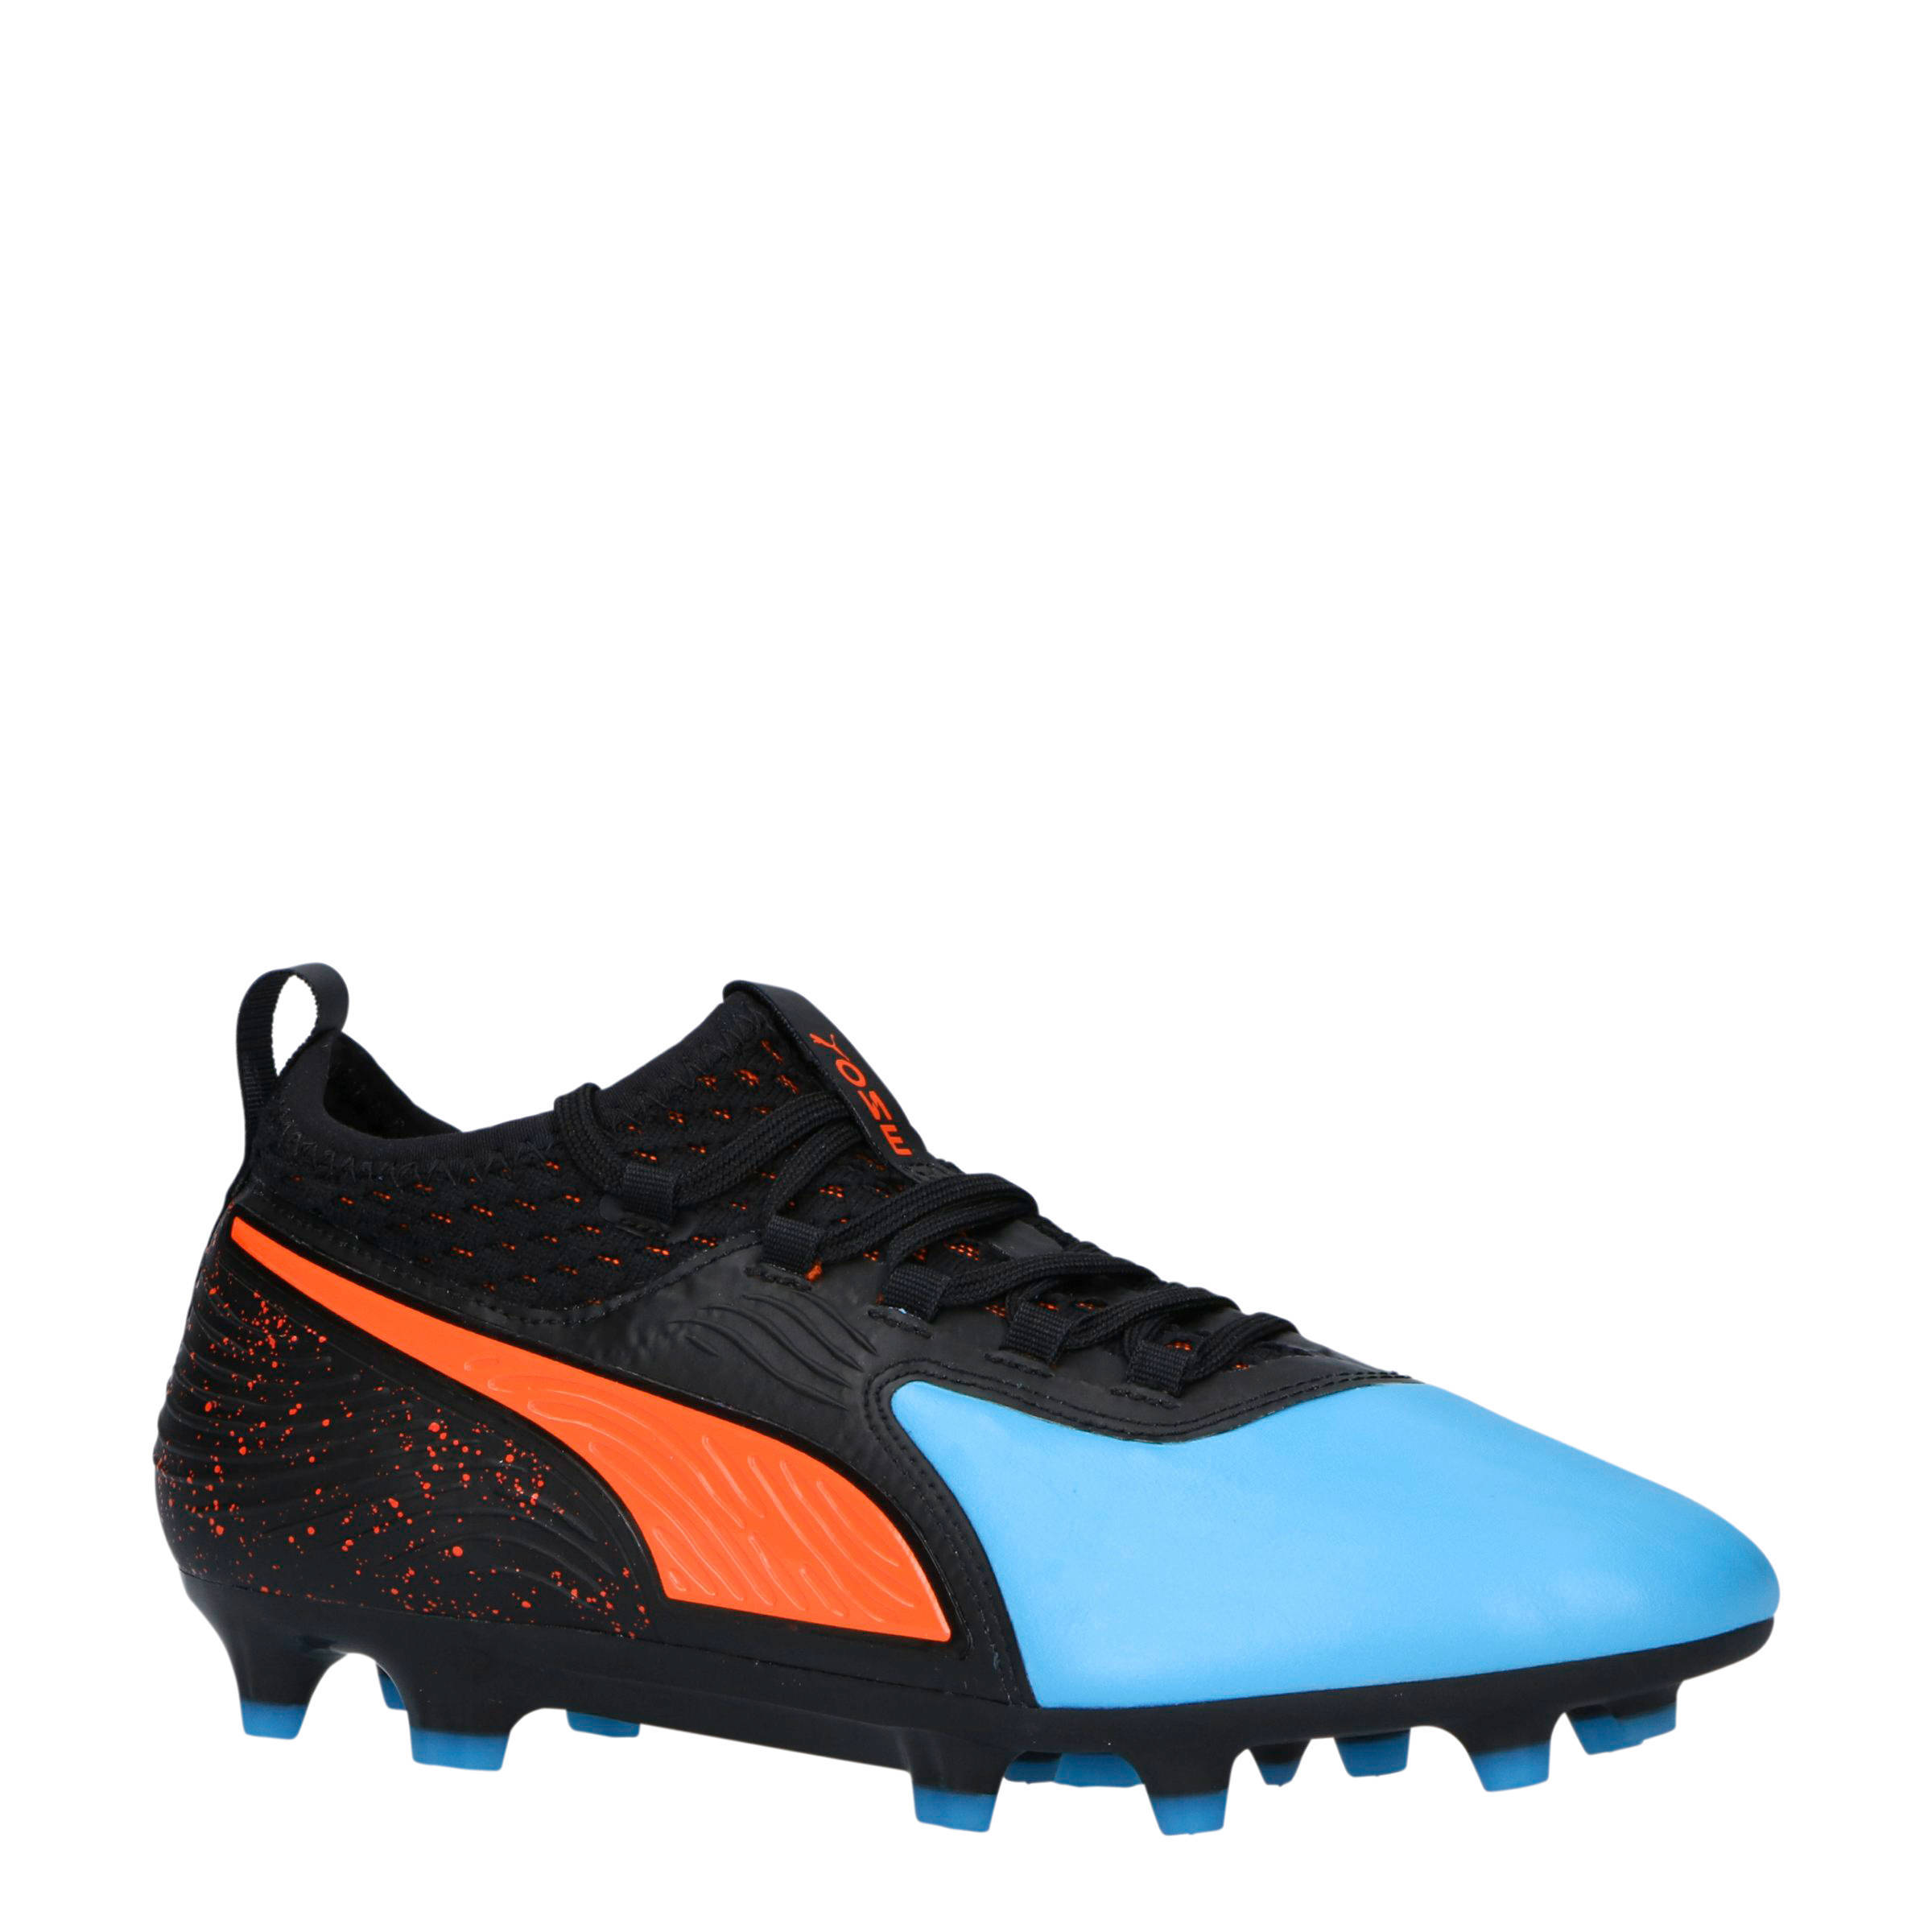 quality design 24858 71960 Voetbalschoenen bij wehkamp - Gratis bezorging vanaf 20.-